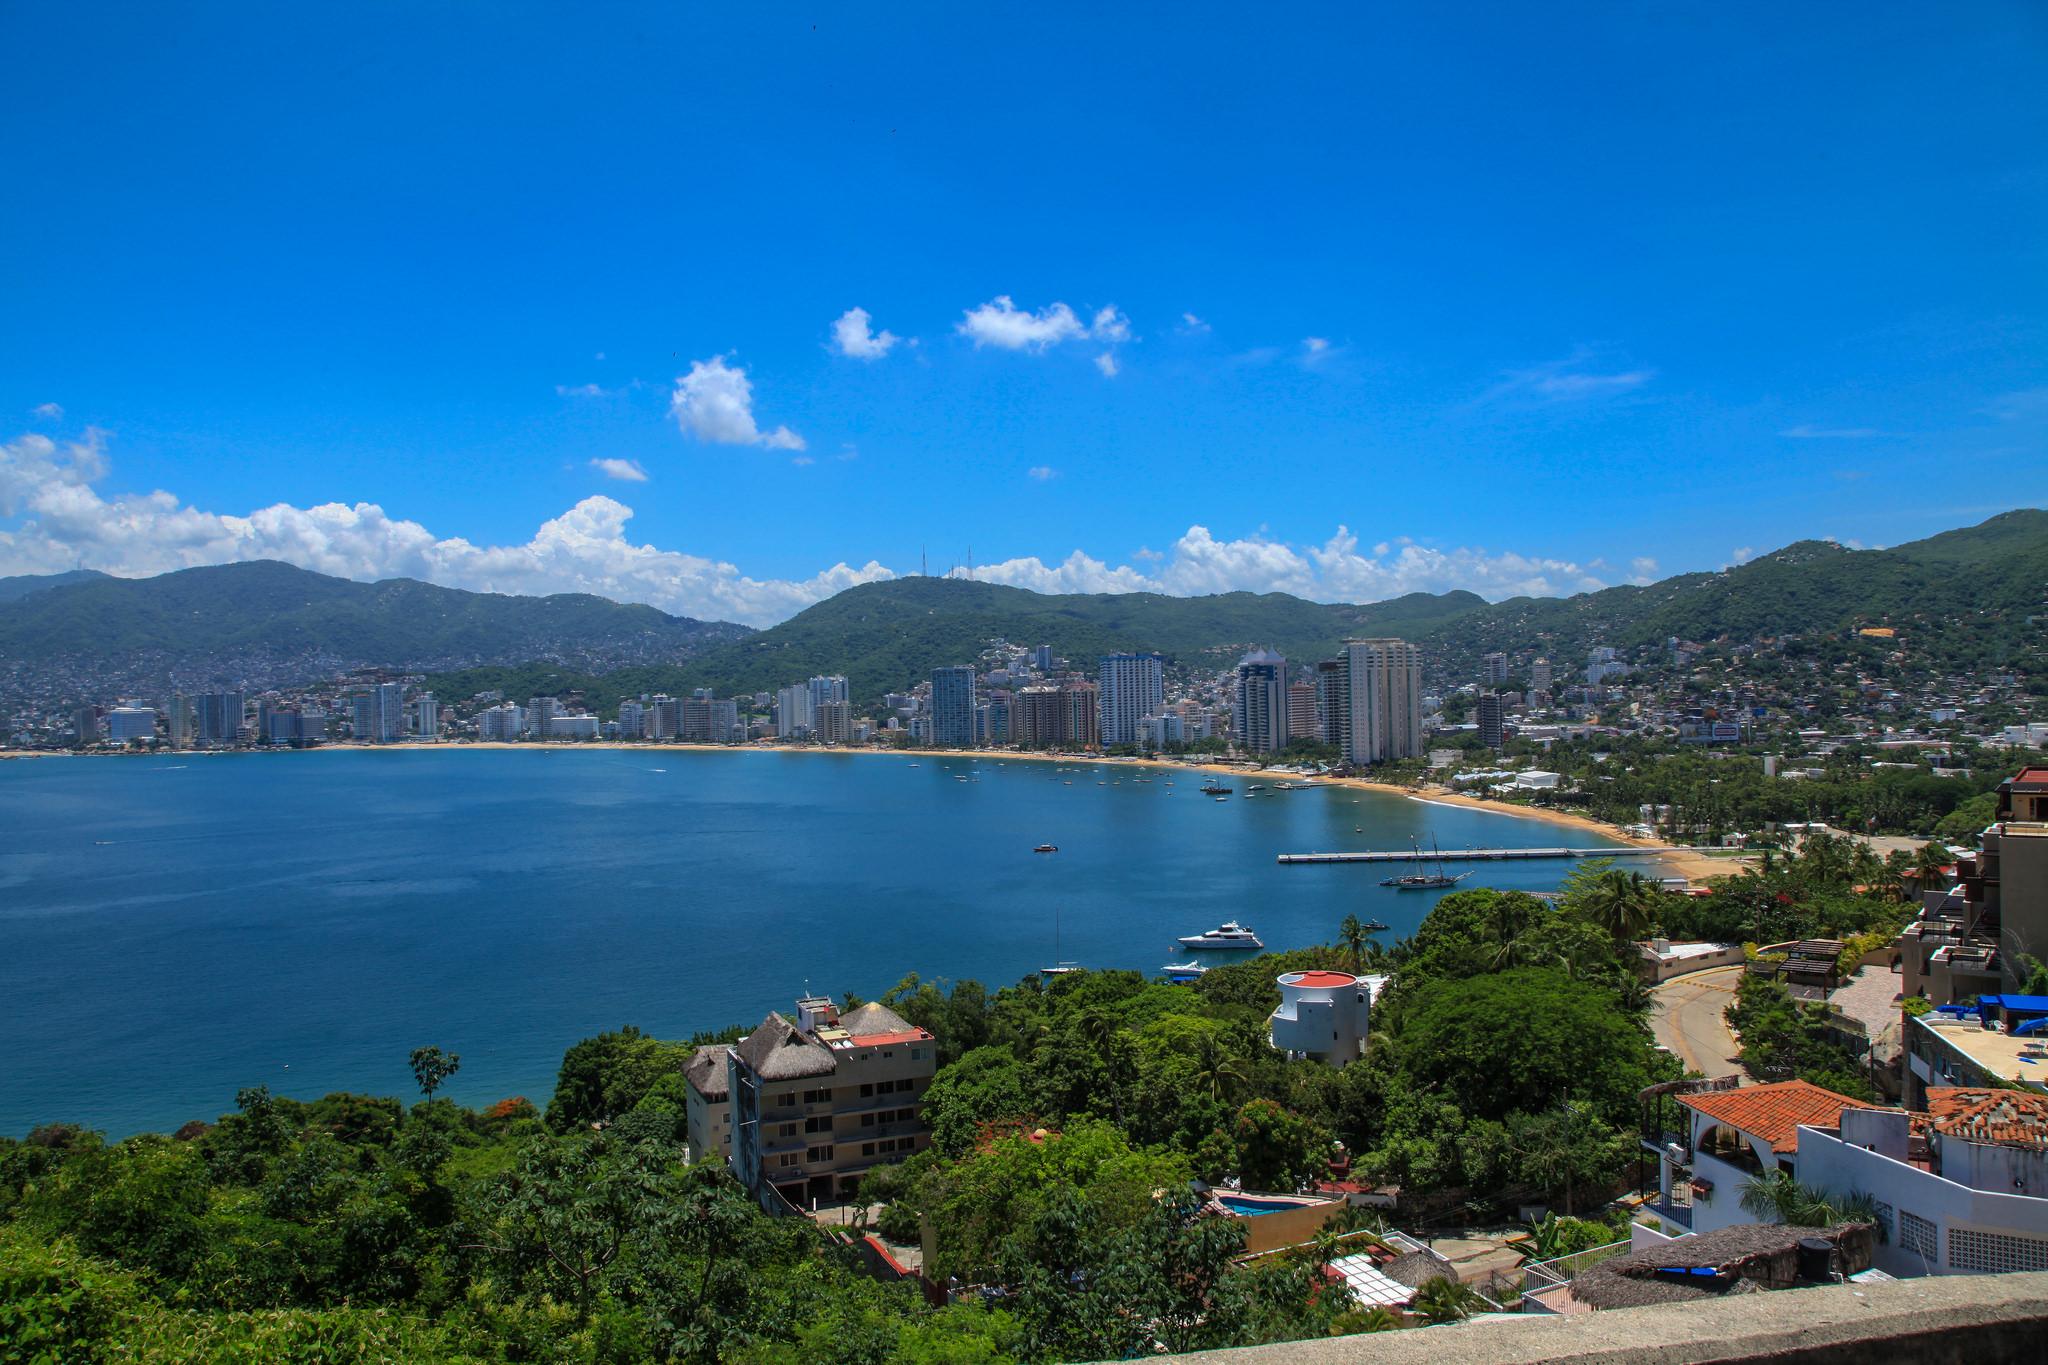 acapulco Luis urquiza